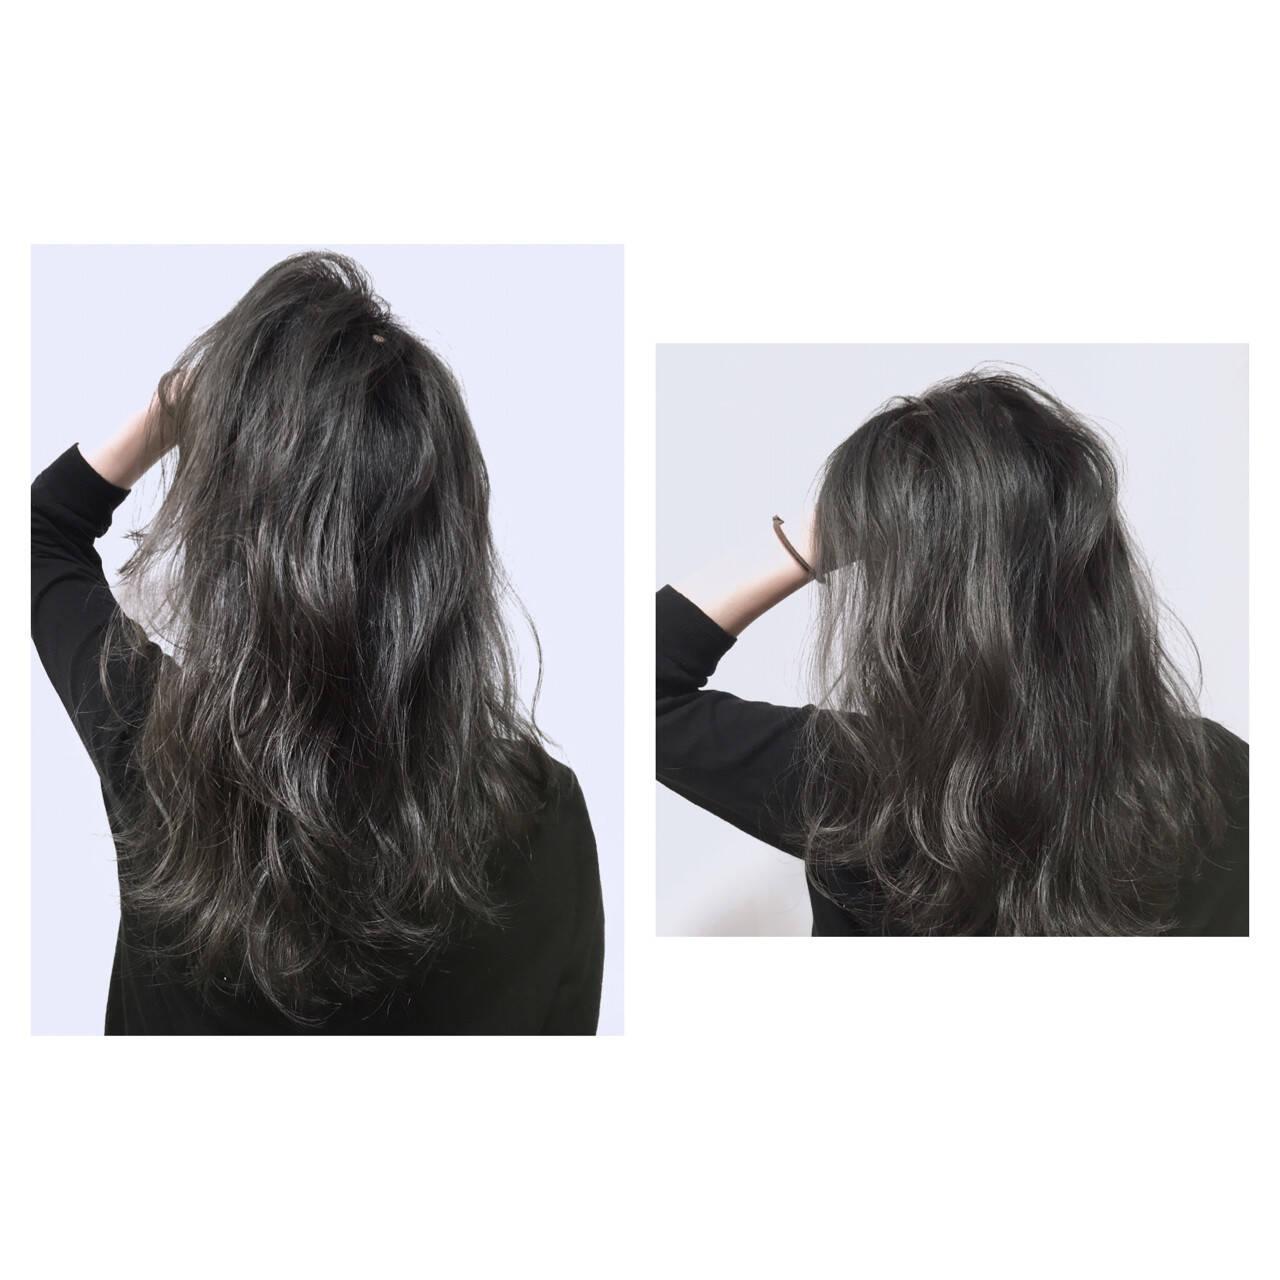 グレージュ ダブルカラー ストリート 暗髪ヘアスタイルや髪型の写真・画像